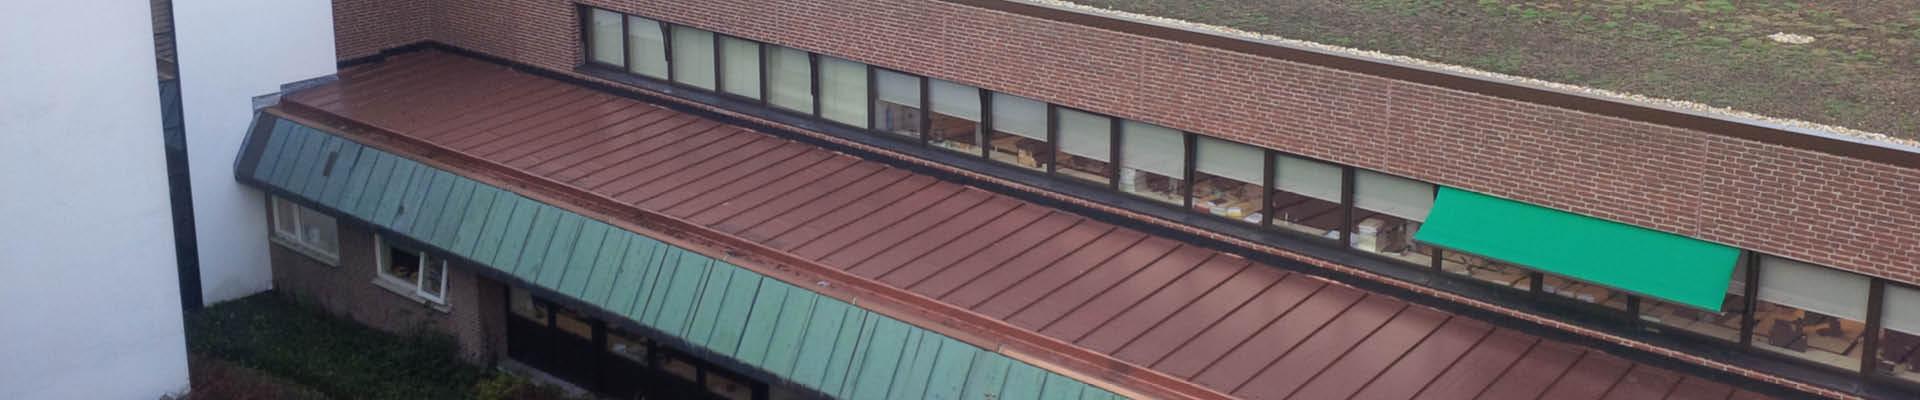 daken van gemeentehuis Smallingerland in Drachten